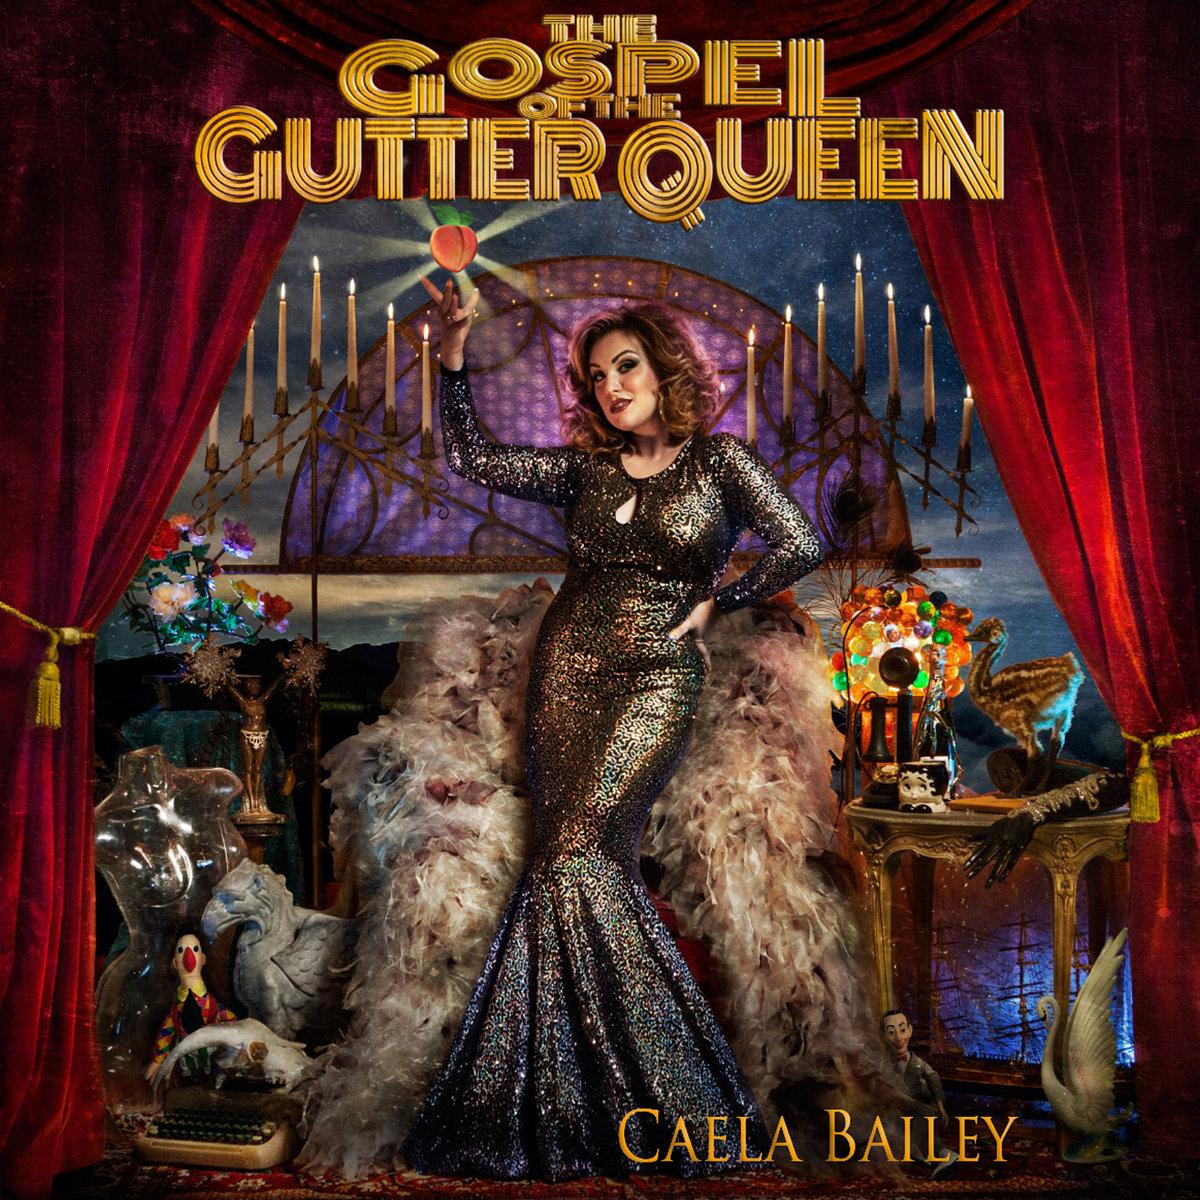 The Gospel of the Gutter Queen